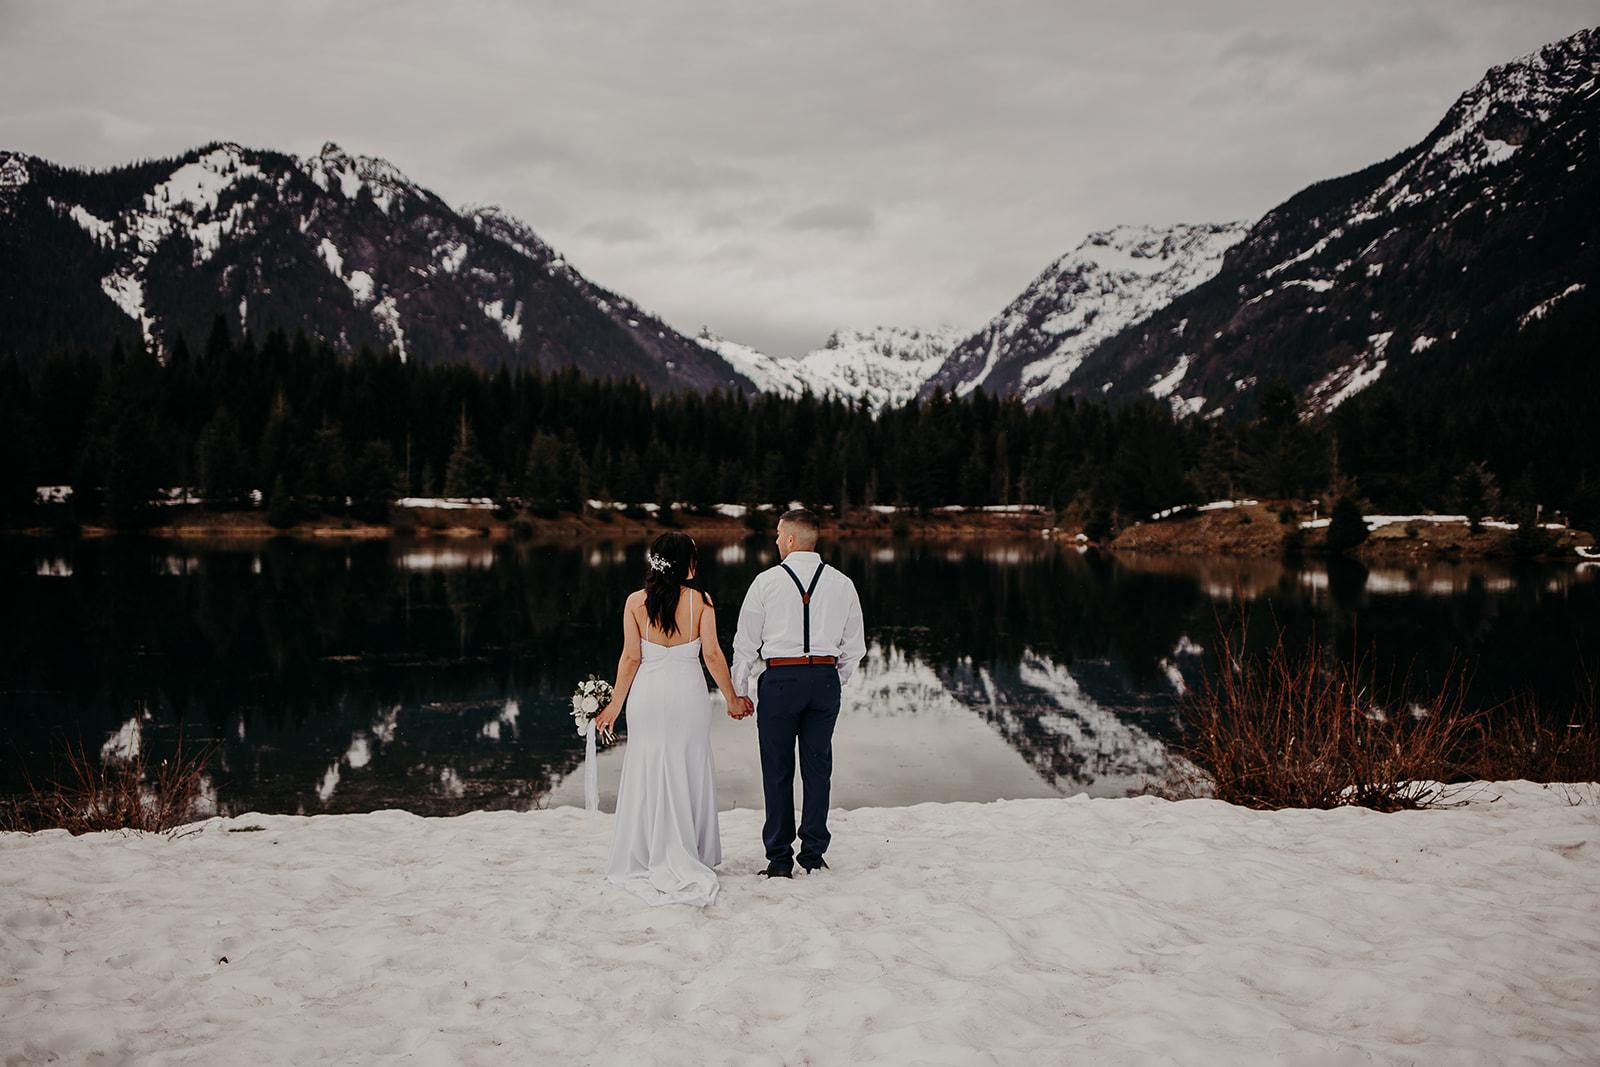 winter-mountain-elopement-asheville-wedding-photographer-megan-gallagher-photographer (19).jpg